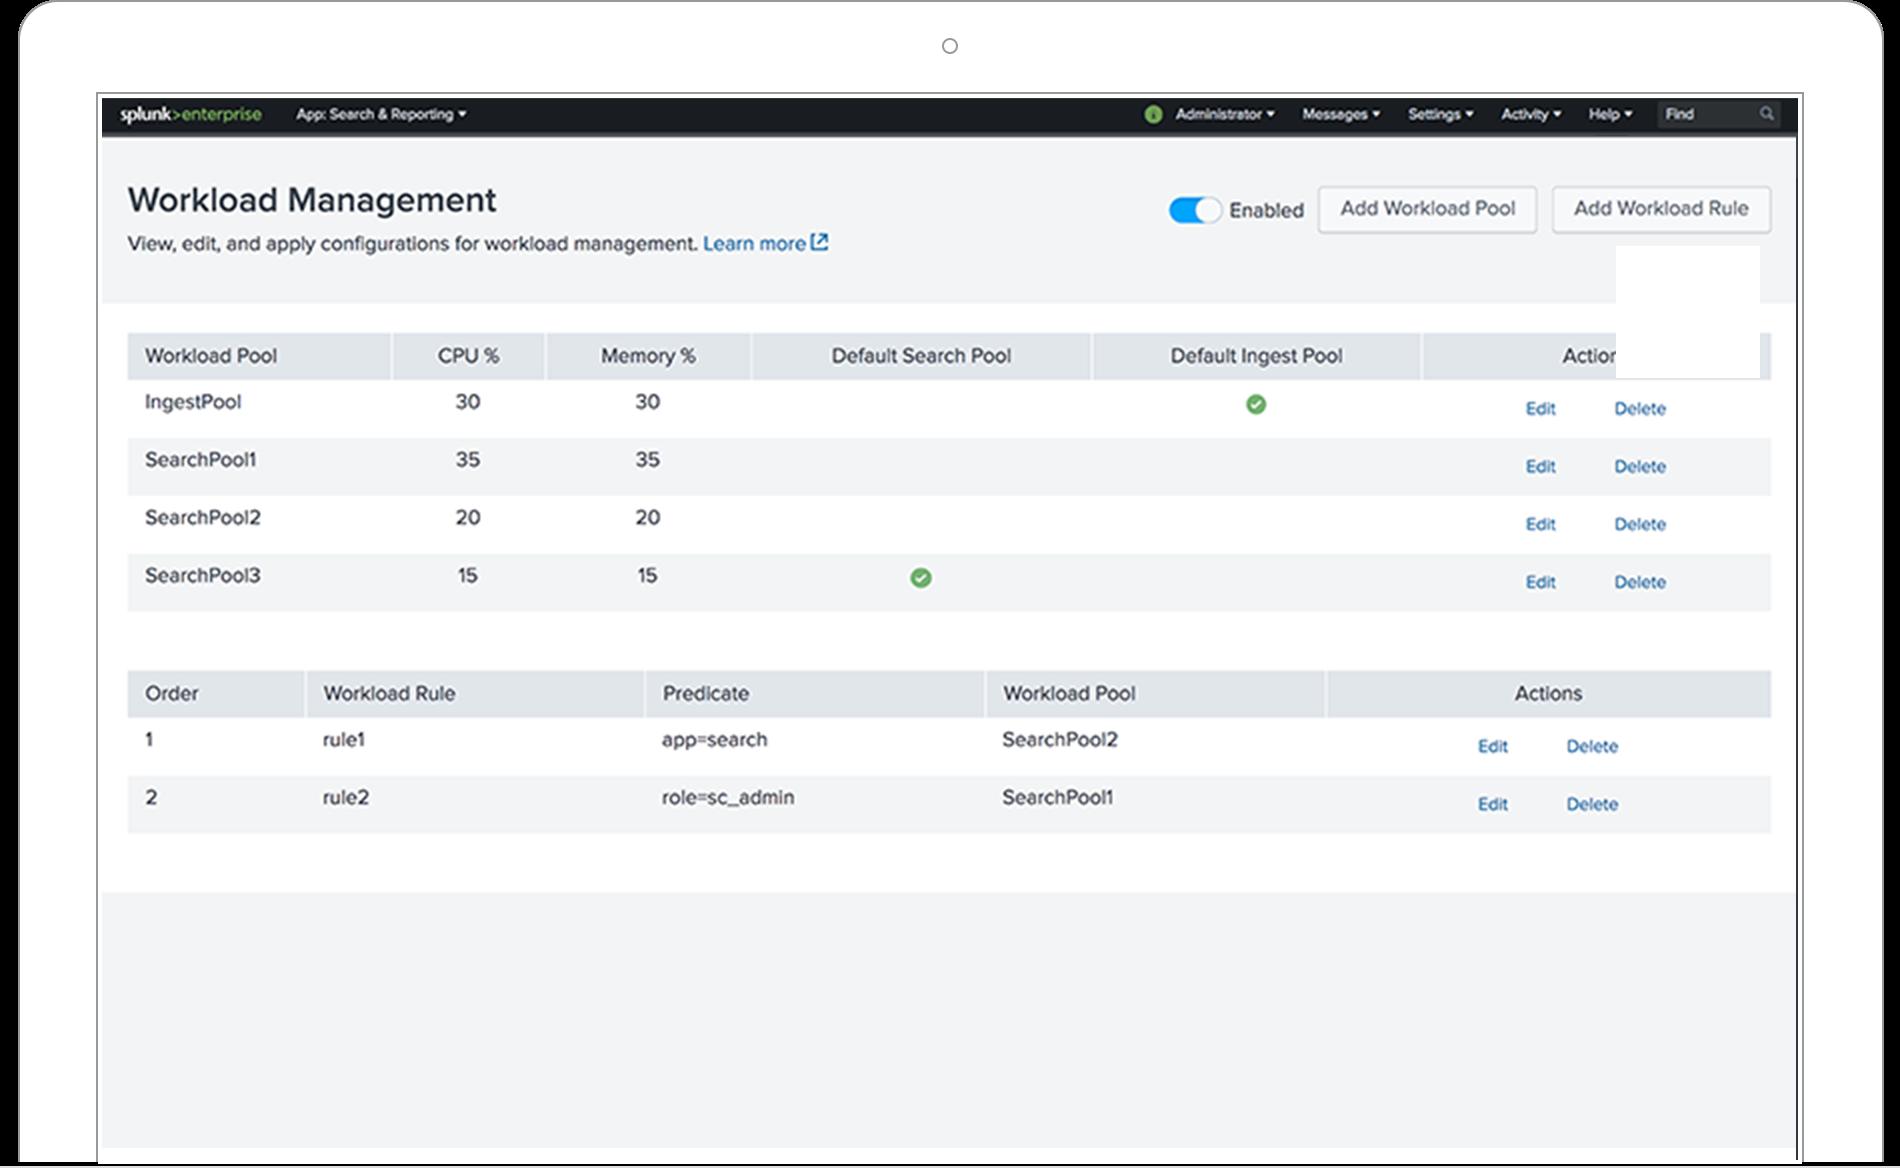 Splunk Enterprise workload management